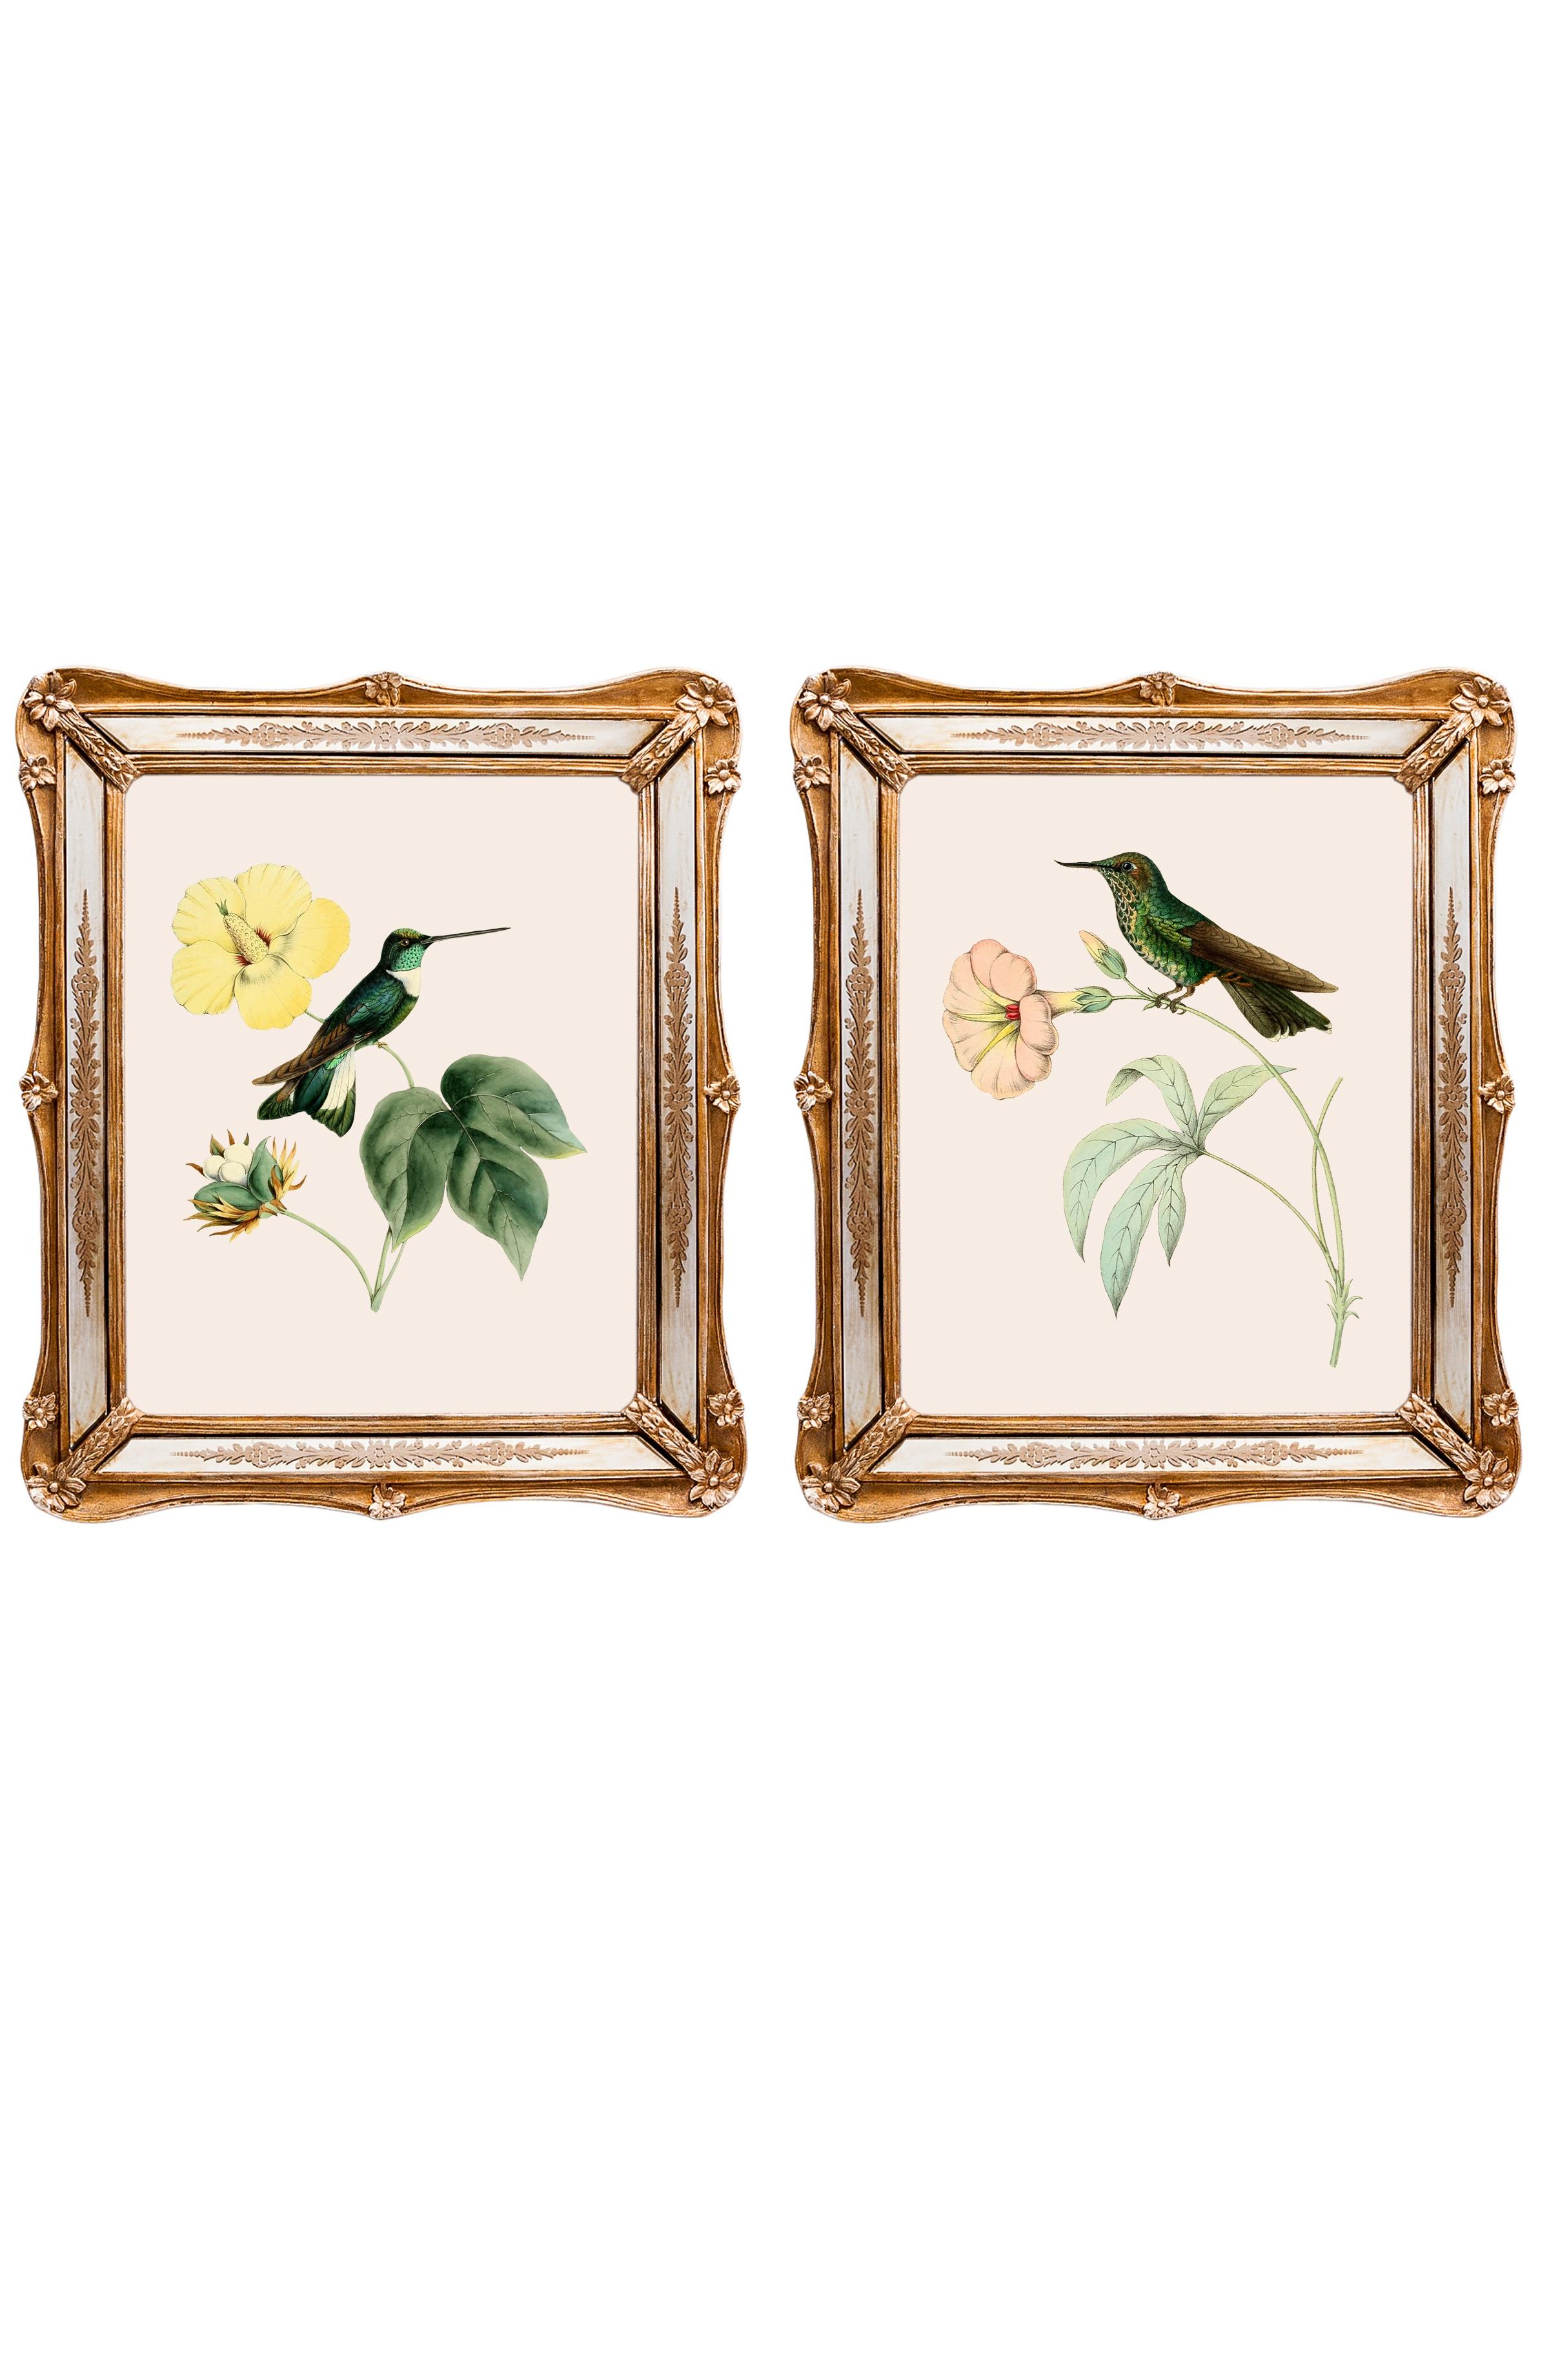 Набор из двух репродукций старинных картин в раме Софи. Дивные птицы 8Картины<br>&amp;lt;div&amp;gt;Репродукции акварелистов 19 века удовлетворят даже самый взыскательный вкус. Как очаровательны эти экзотические птицы! Красота оперения наталкивает на мысль, что это райские создания. Репродукции акварелей, обрамленные в великолепные рамы с зеркальными вставками, созданы удивлять и ежедневно дарить прекрасное настроение. Картины можно повесить на стену, а можно поставить, например, на стол или камин. Защитный стеклянный слой сохранит изображение от воздействий окружающей среды. Если Вам захочется обновить интерьер, Вы можете с легкостью заменить изображение картины!&amp;lt;/div&amp;gt;&amp;lt;div&amp;gt;&amp;lt;br&amp;gt;&amp;lt;/div&amp;gt;&amp;lt;div&amp;gt;Изображение - дизайнерская бумага; рама - искуственный камень, зеркальные вставки; защитный слой - стекло&amp;amp;nbsp;&amp;lt;/div&amp;gt;&amp;lt;div&amp;gt;цвет:мультиколор&amp;amp;nbsp;&amp;lt;/div&amp;gt;<br><br>Material: Бумага<br>Width см: 26,5<br>Depth см: 2<br>Height см: 30,5